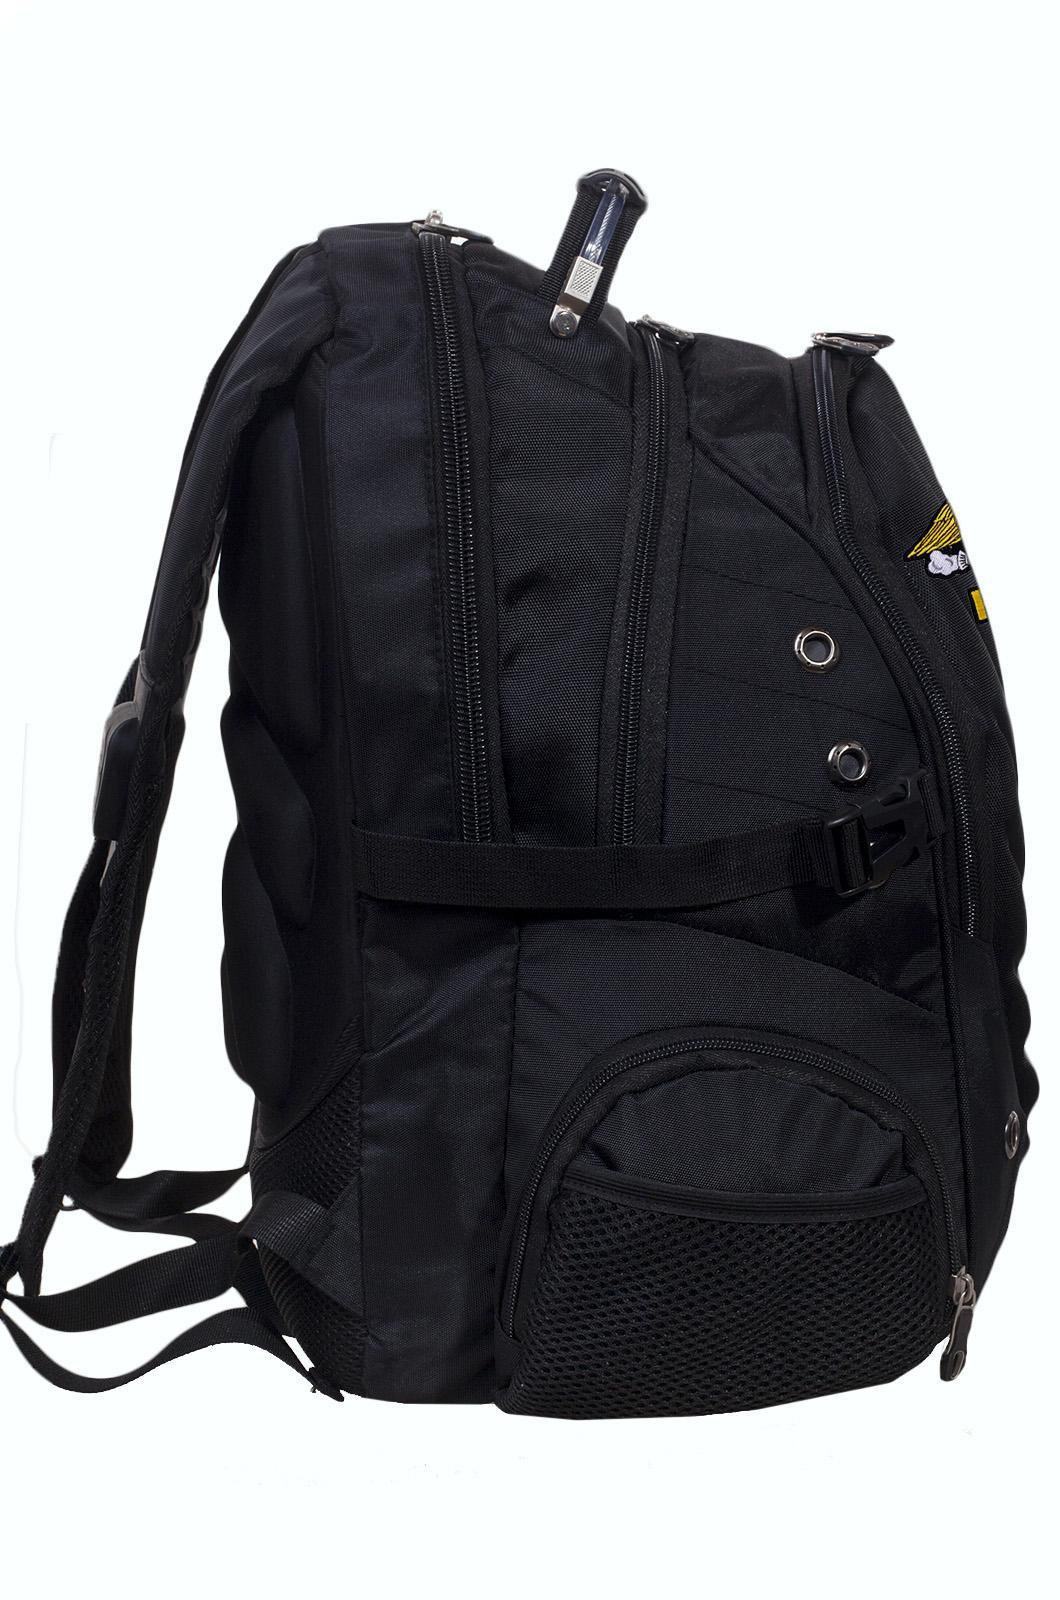 Военный универсальный рюкзак с нашивкой РХБЗ - купить в розницу